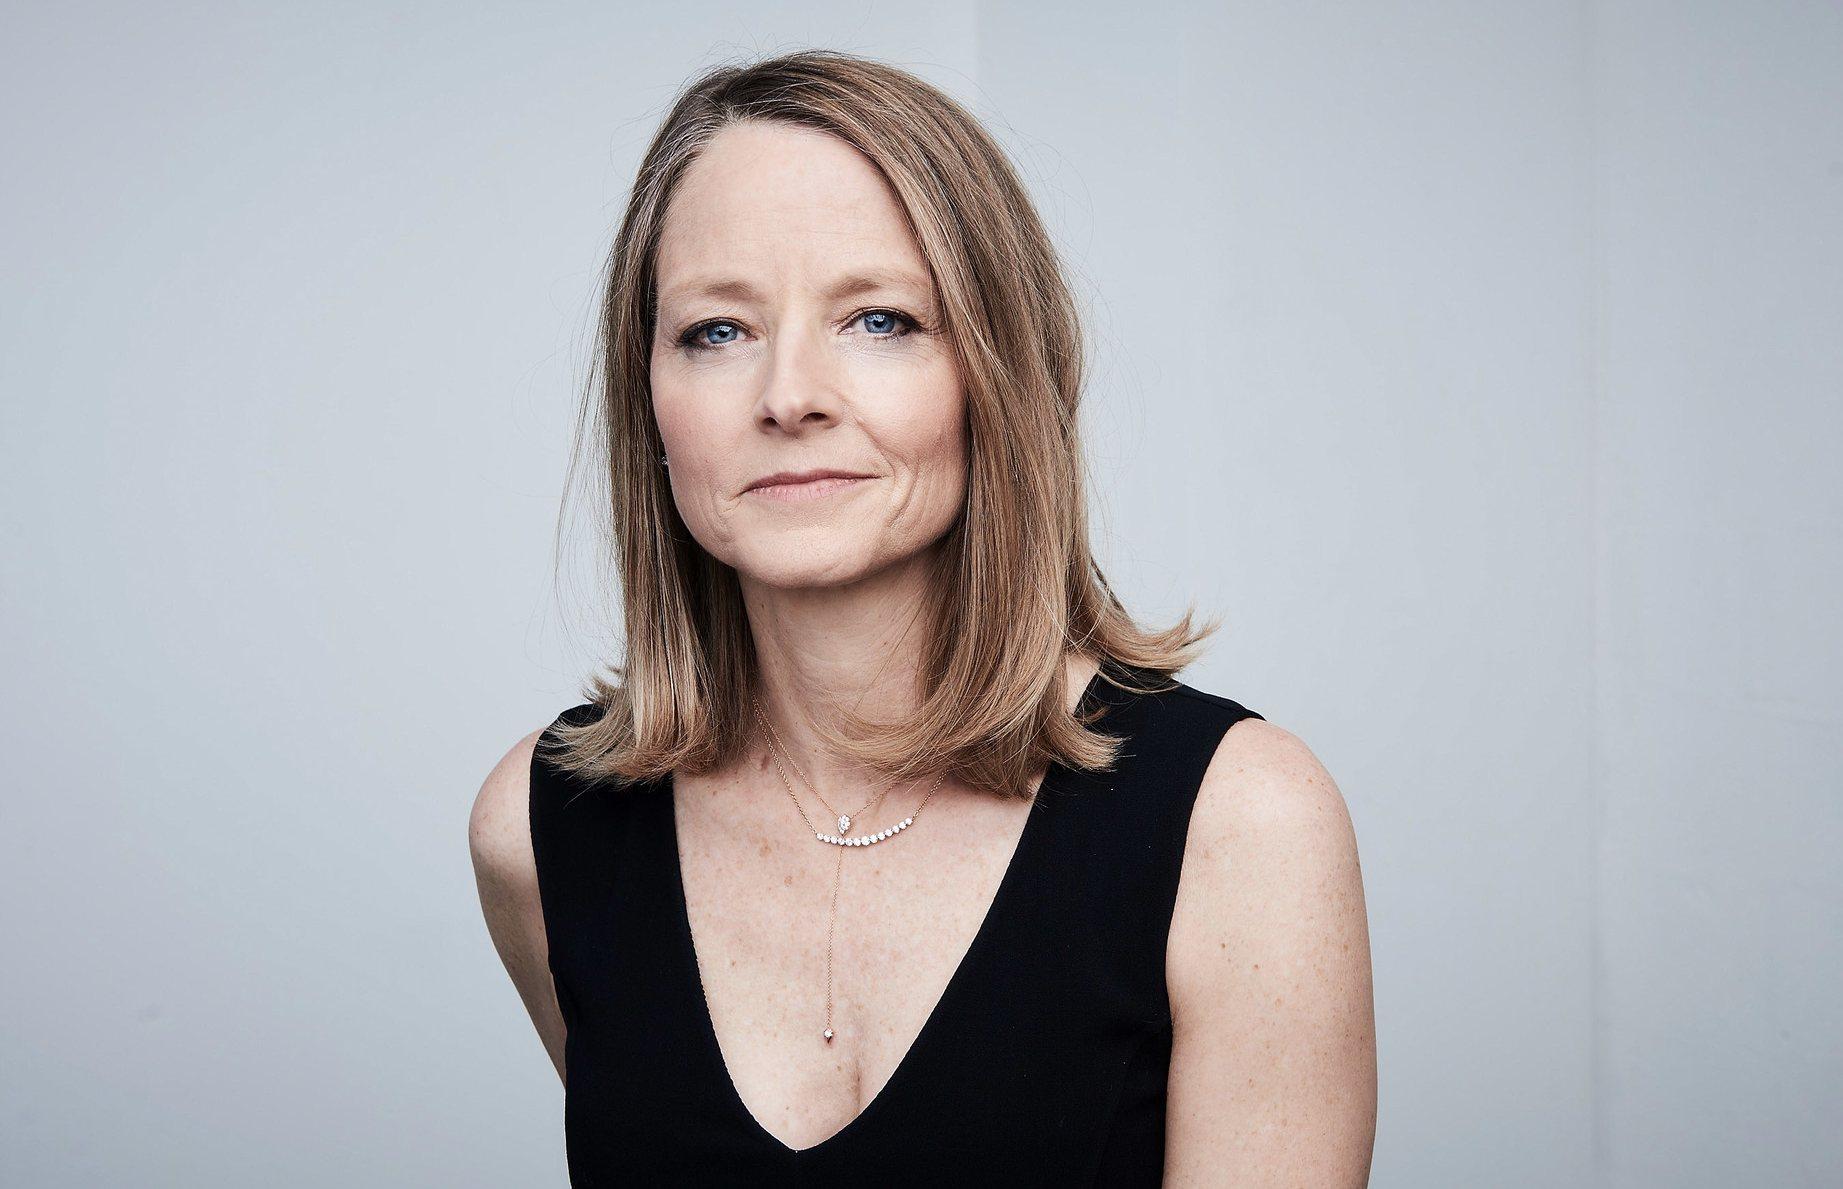 el sumario - La talentosa actriz dice que el estar detrás de las cámaras otorga beneficios terapéuticos y aprendizajes únicos